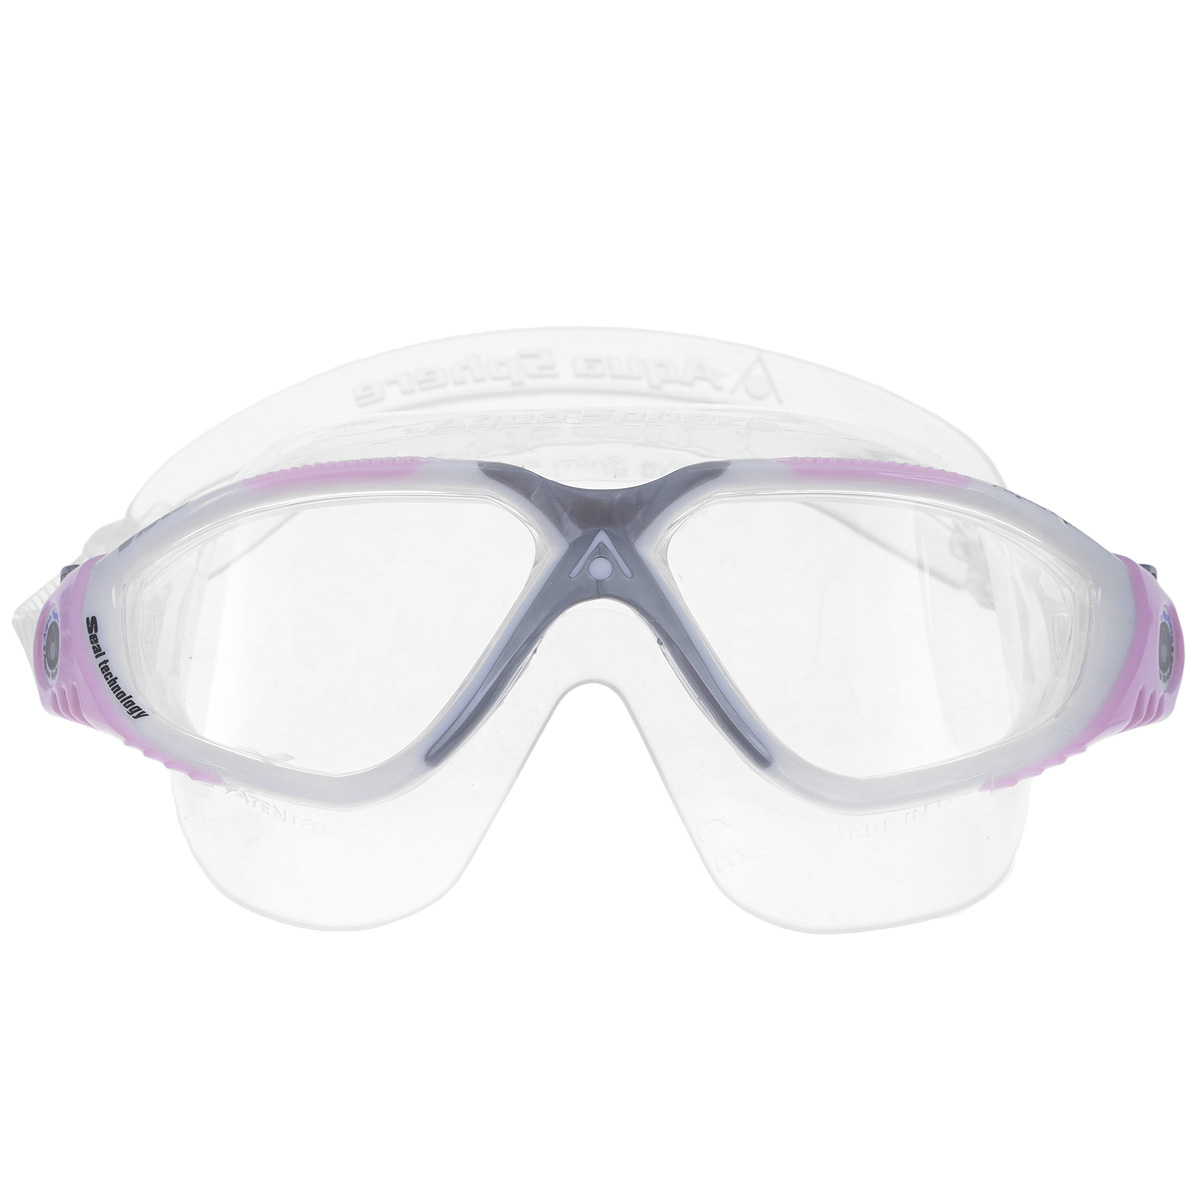 Очки для плавания Aqua Sphere Vista Lady, цвет: белый, розовый очки для плавания aqua sphere k180 lady цвет белый розовый